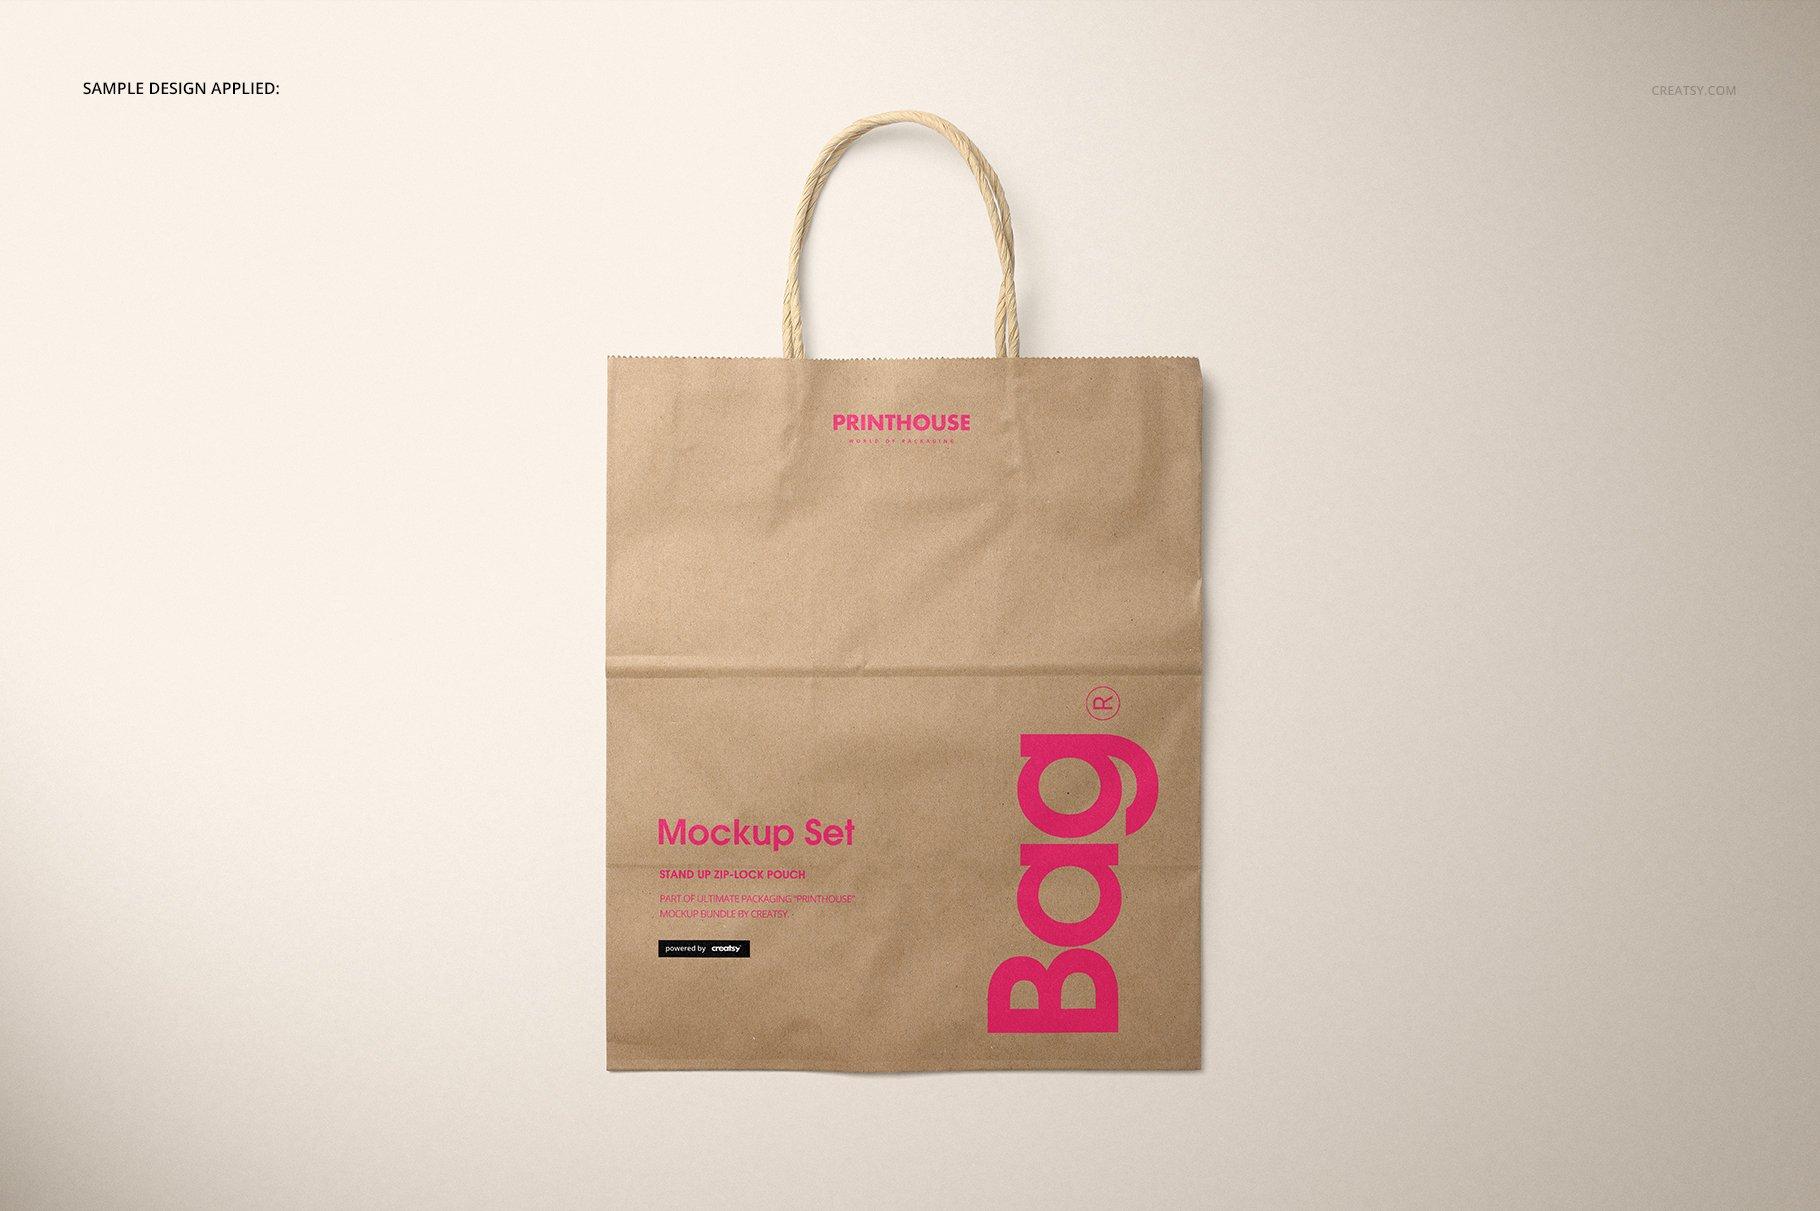 [淘宝购买] 时尚牛皮纸购物手提纸袋设计贴图样机模板 Natural Kraft Shopping Bag Mockup 2插图(6)